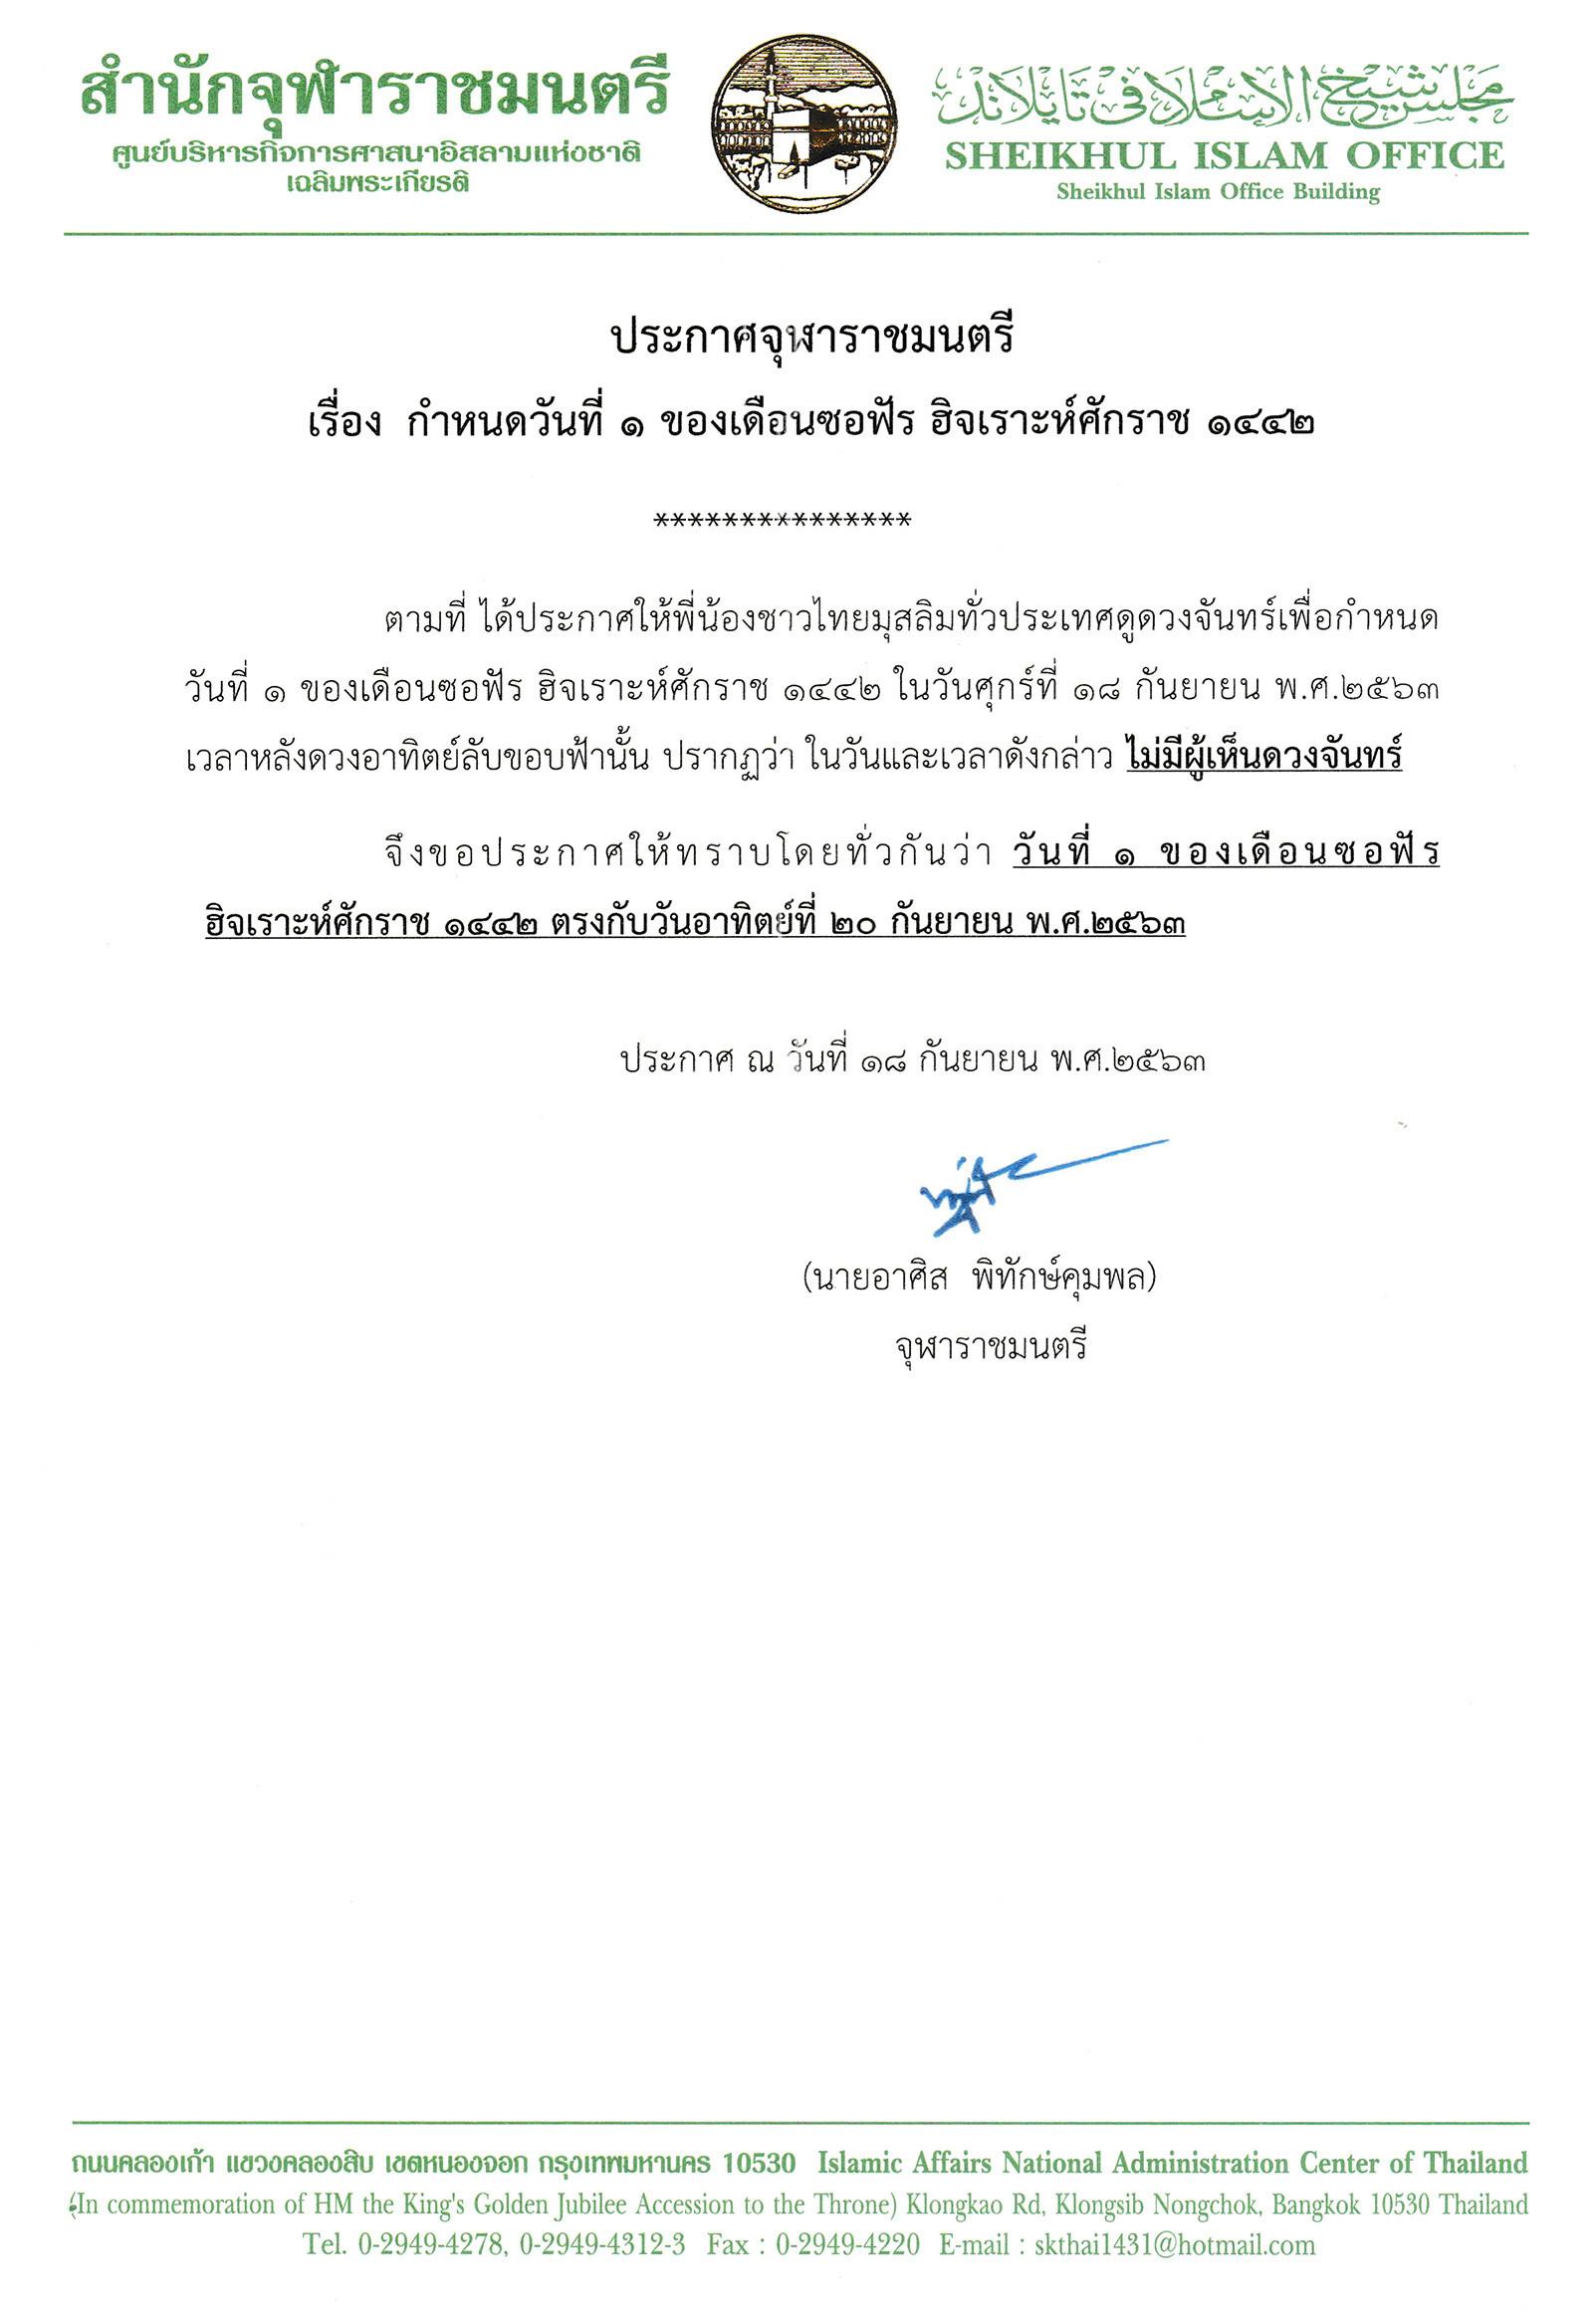 ประกาศจุฬาราชมนตรี เรื่อง กำหนดวันที่ 1 ของเดือนซอฟัร  ฮศ 1442